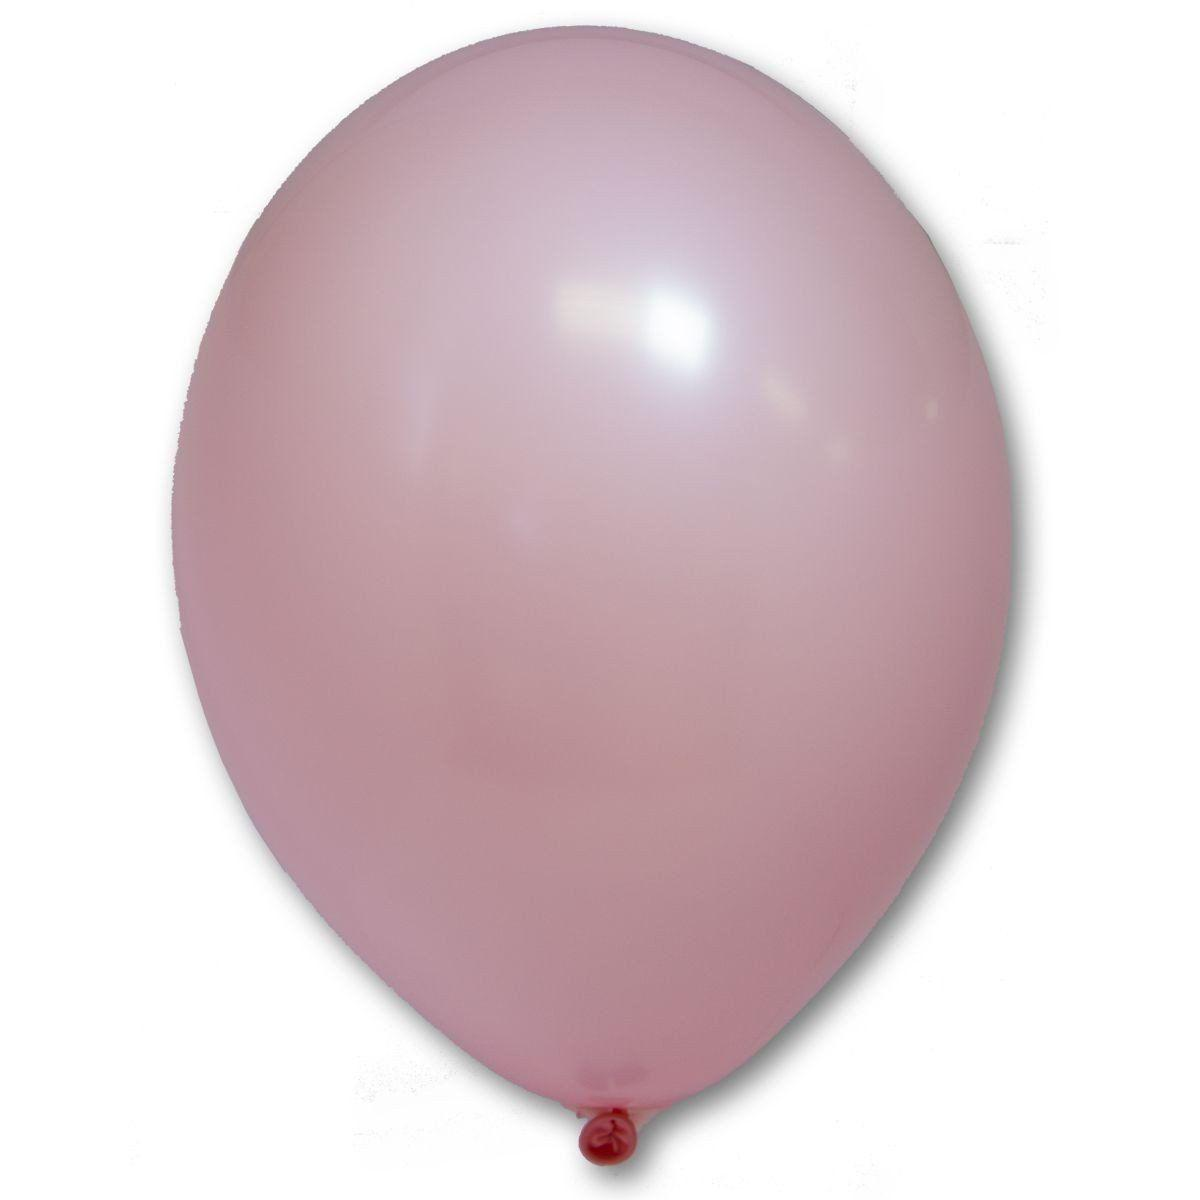 """Воздушные шары 10,5"""" пастель розовый (светлый) 50 шт Belbal (Бельгия)"""